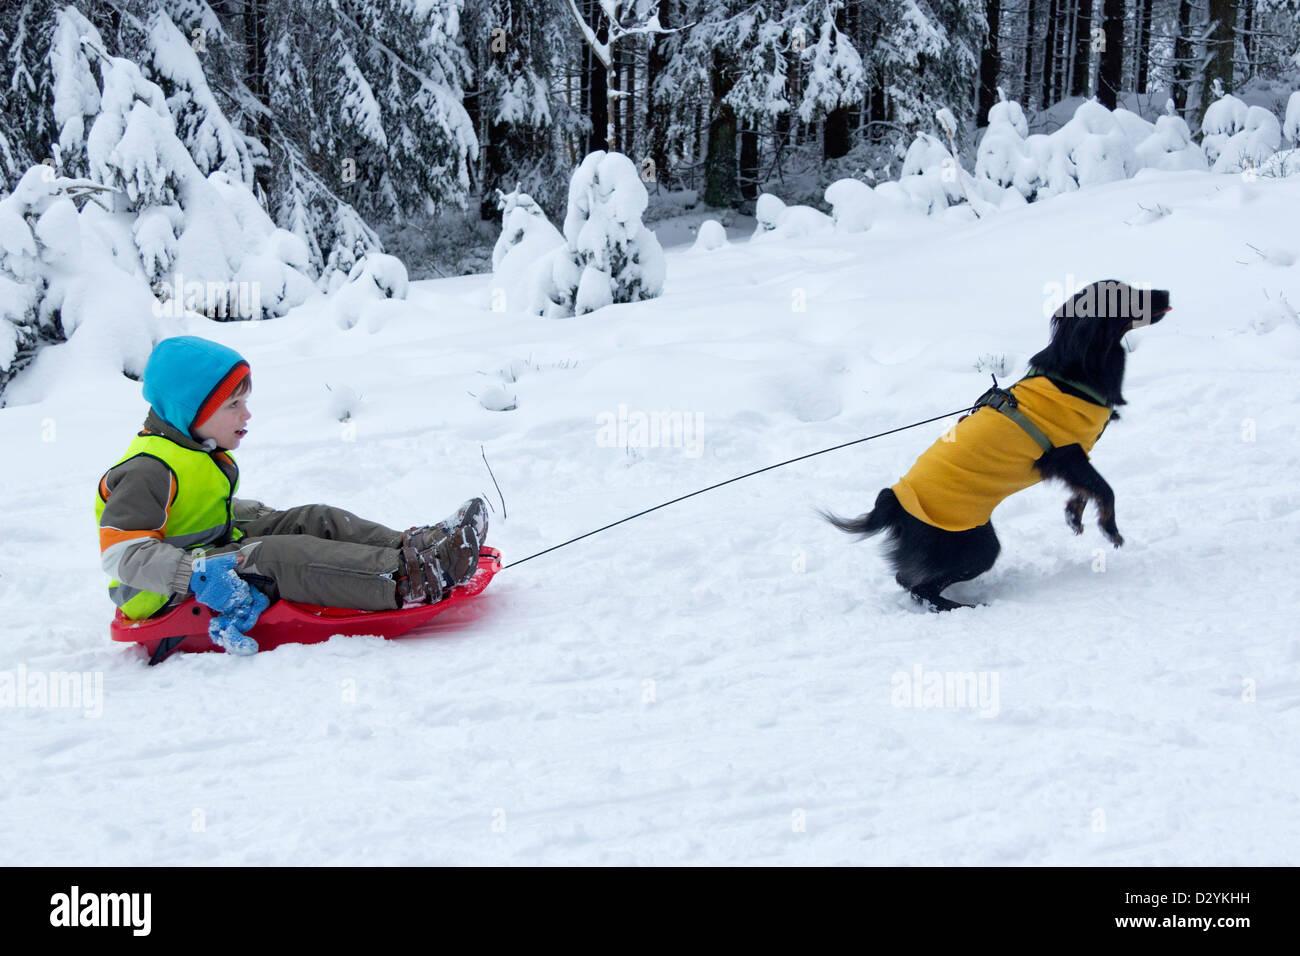 Giovane ragazzo su una slitta che viene tirata dal suo cane Immagini Stock